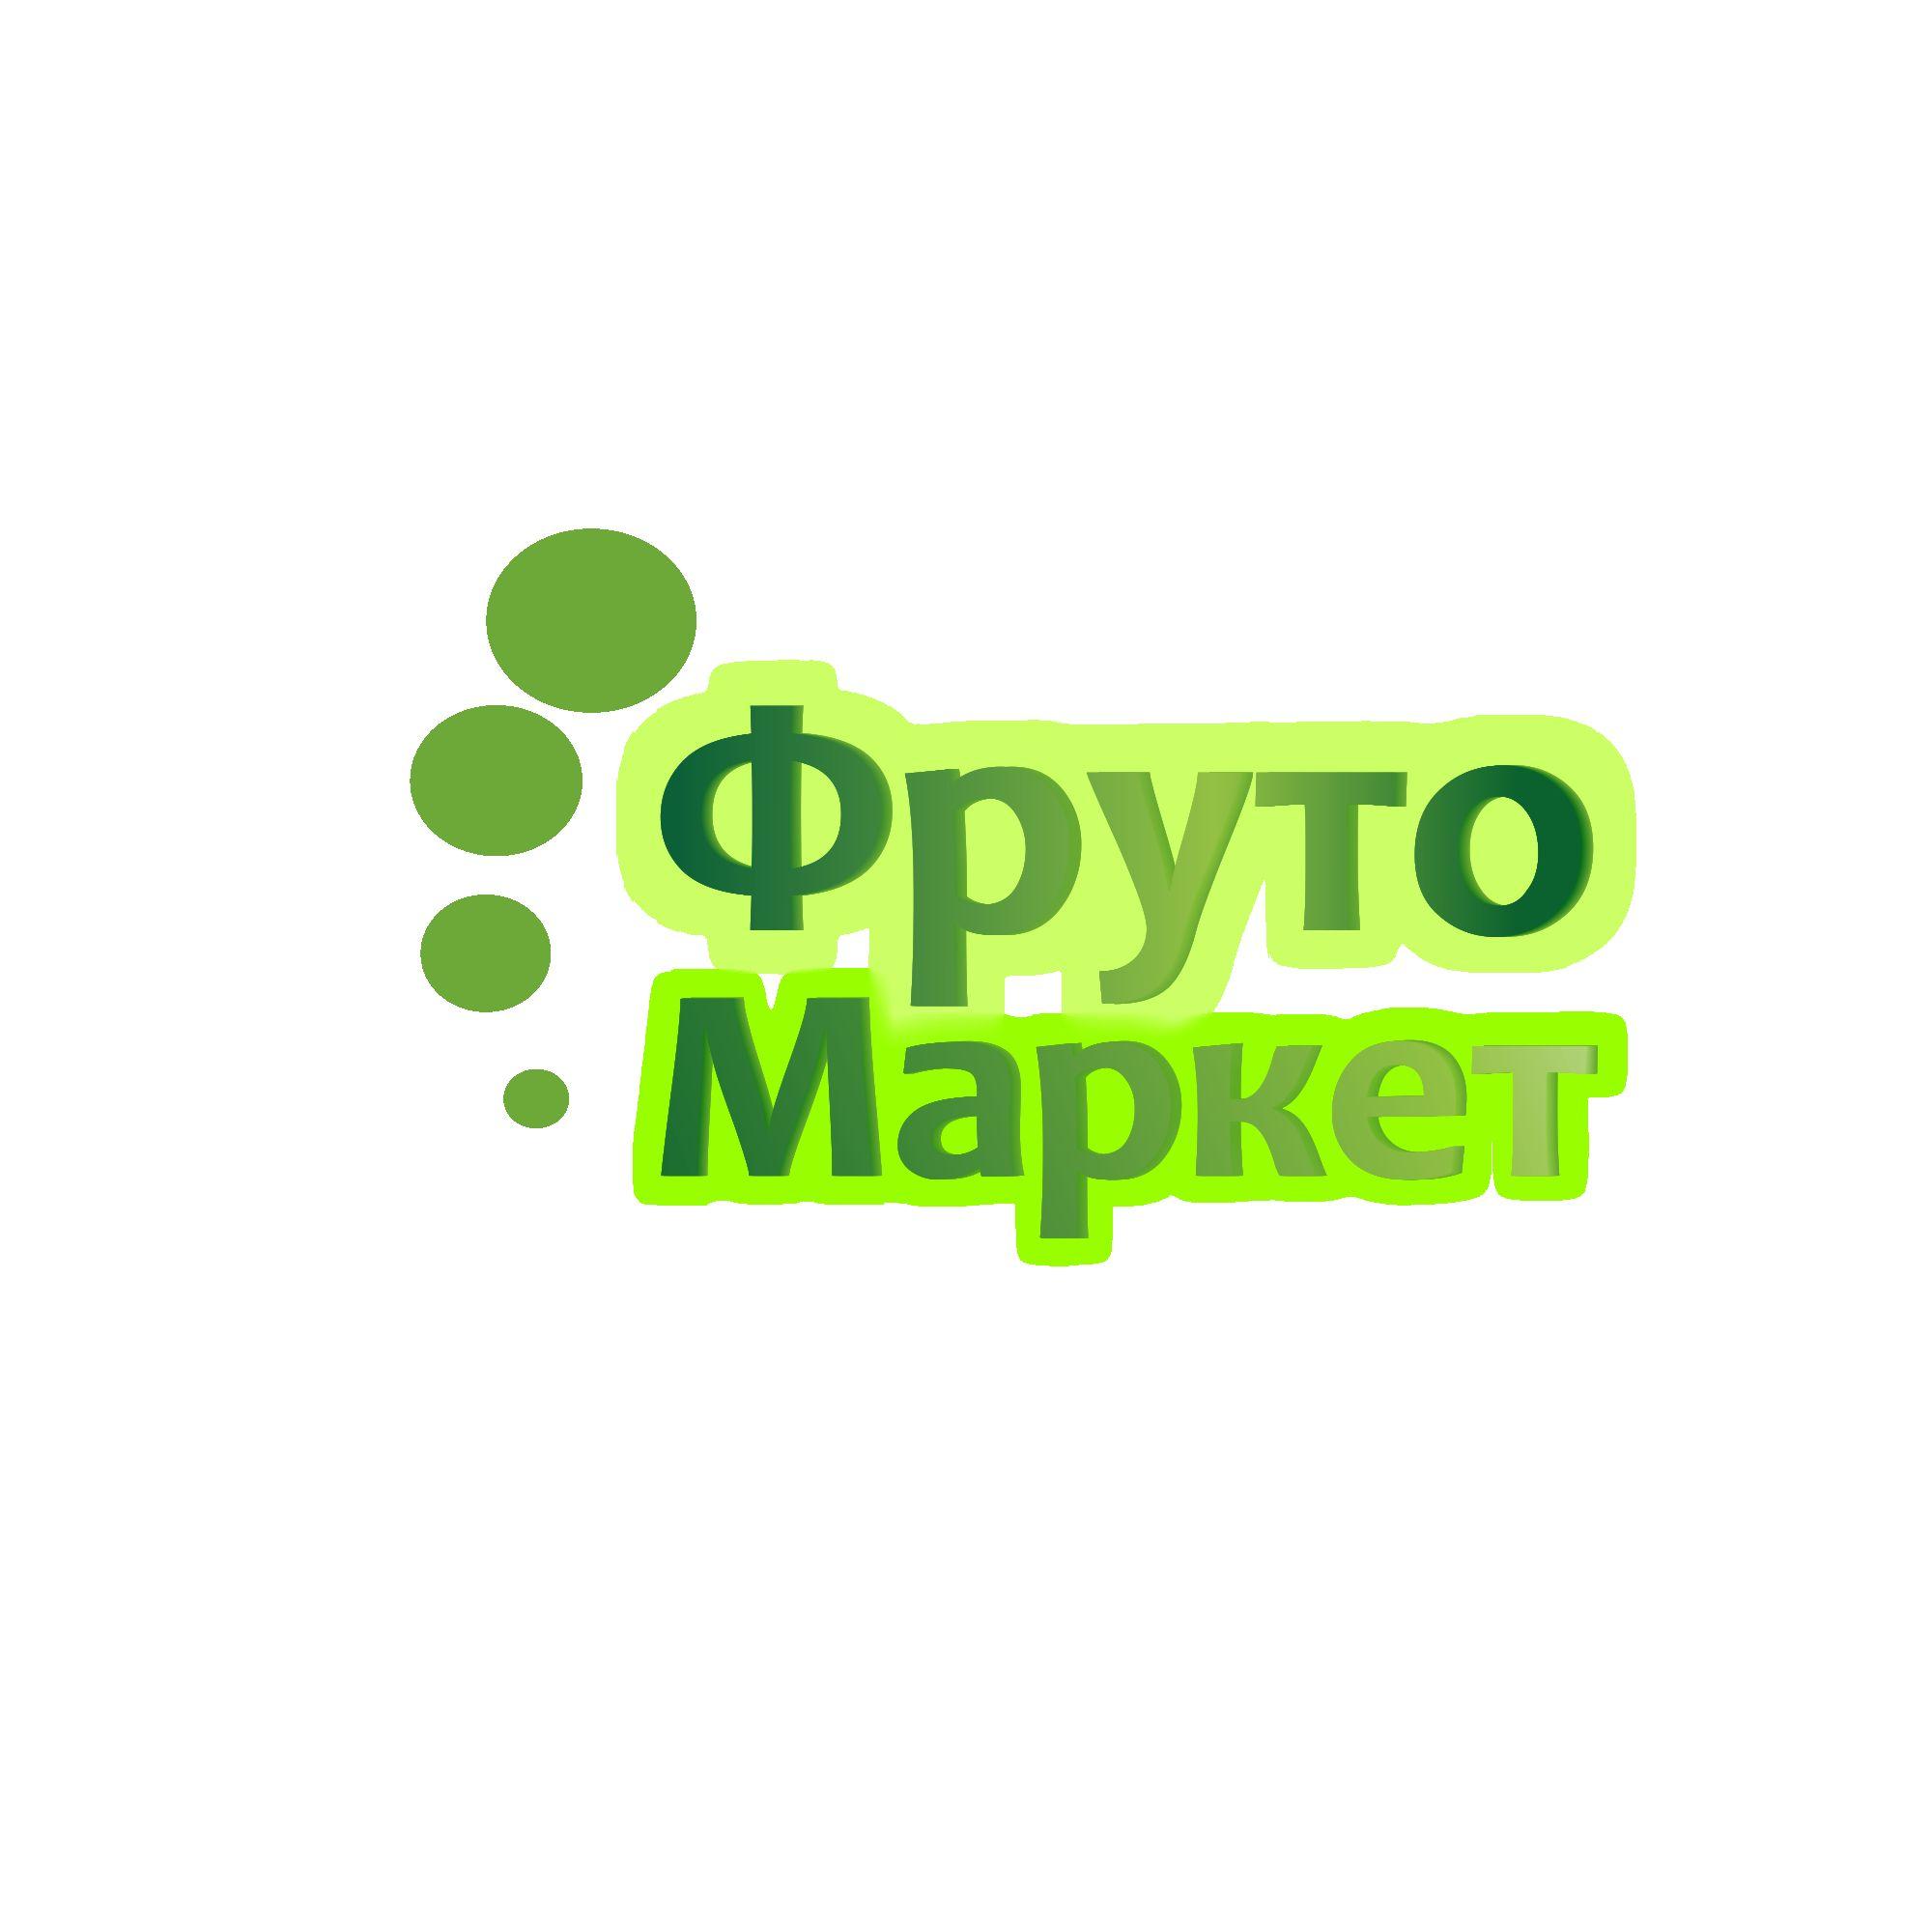 Логотип-вывеска фруктово-овощных магазинов премиум - дизайнер Natalia_N2K